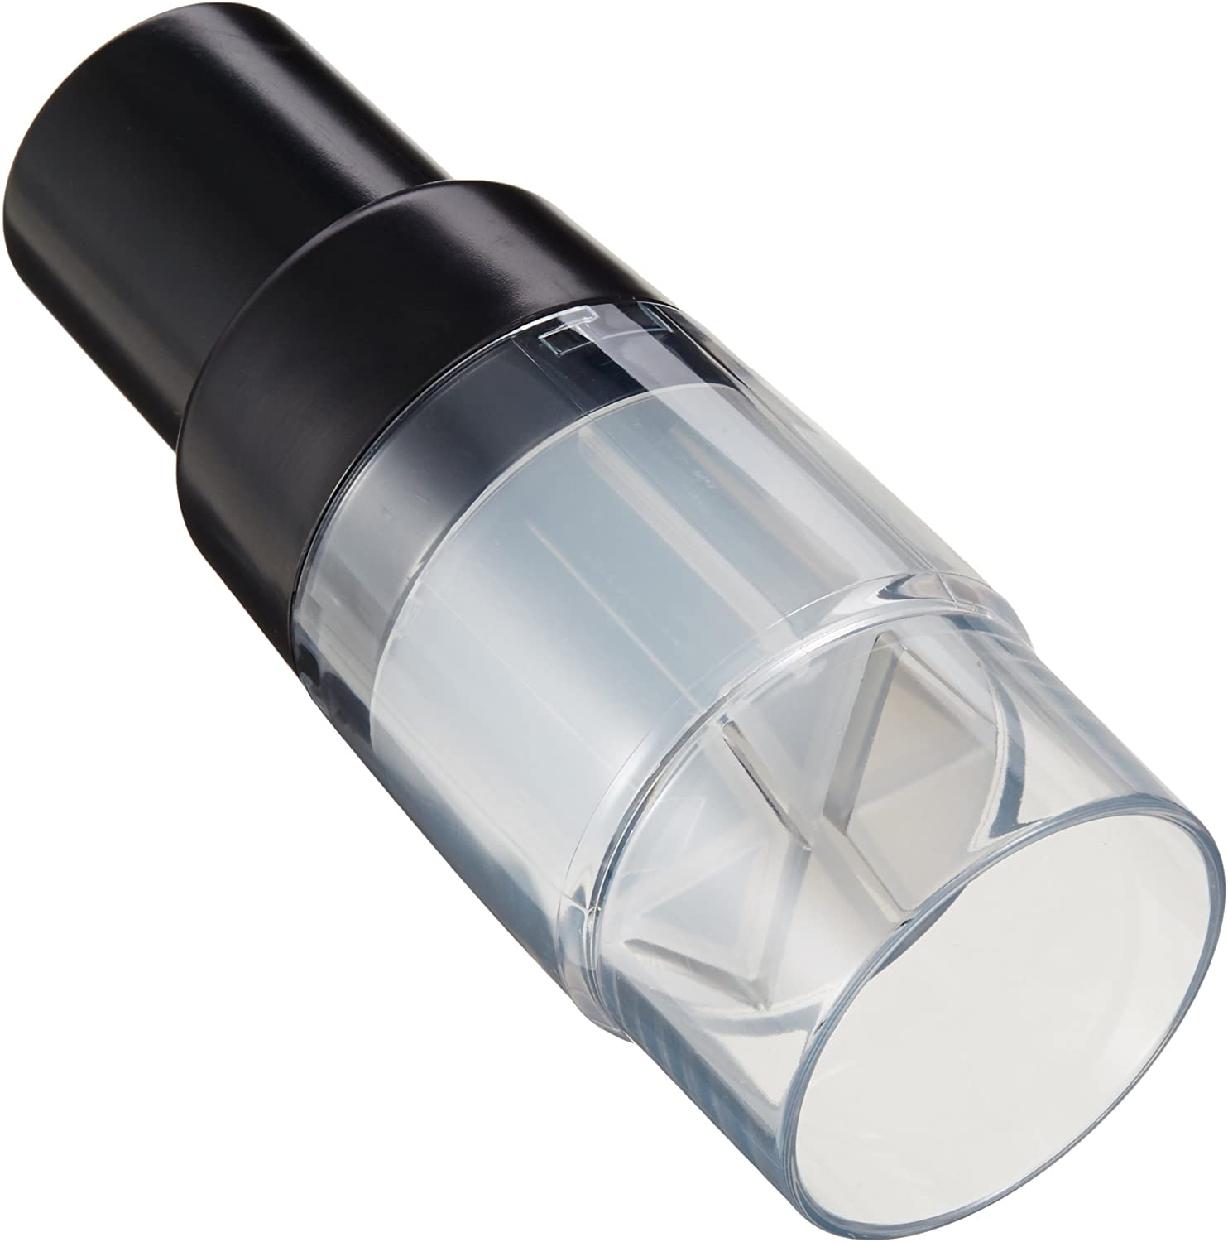 エムワン プレカット チョッパー H0005 ブラックの商品画像2